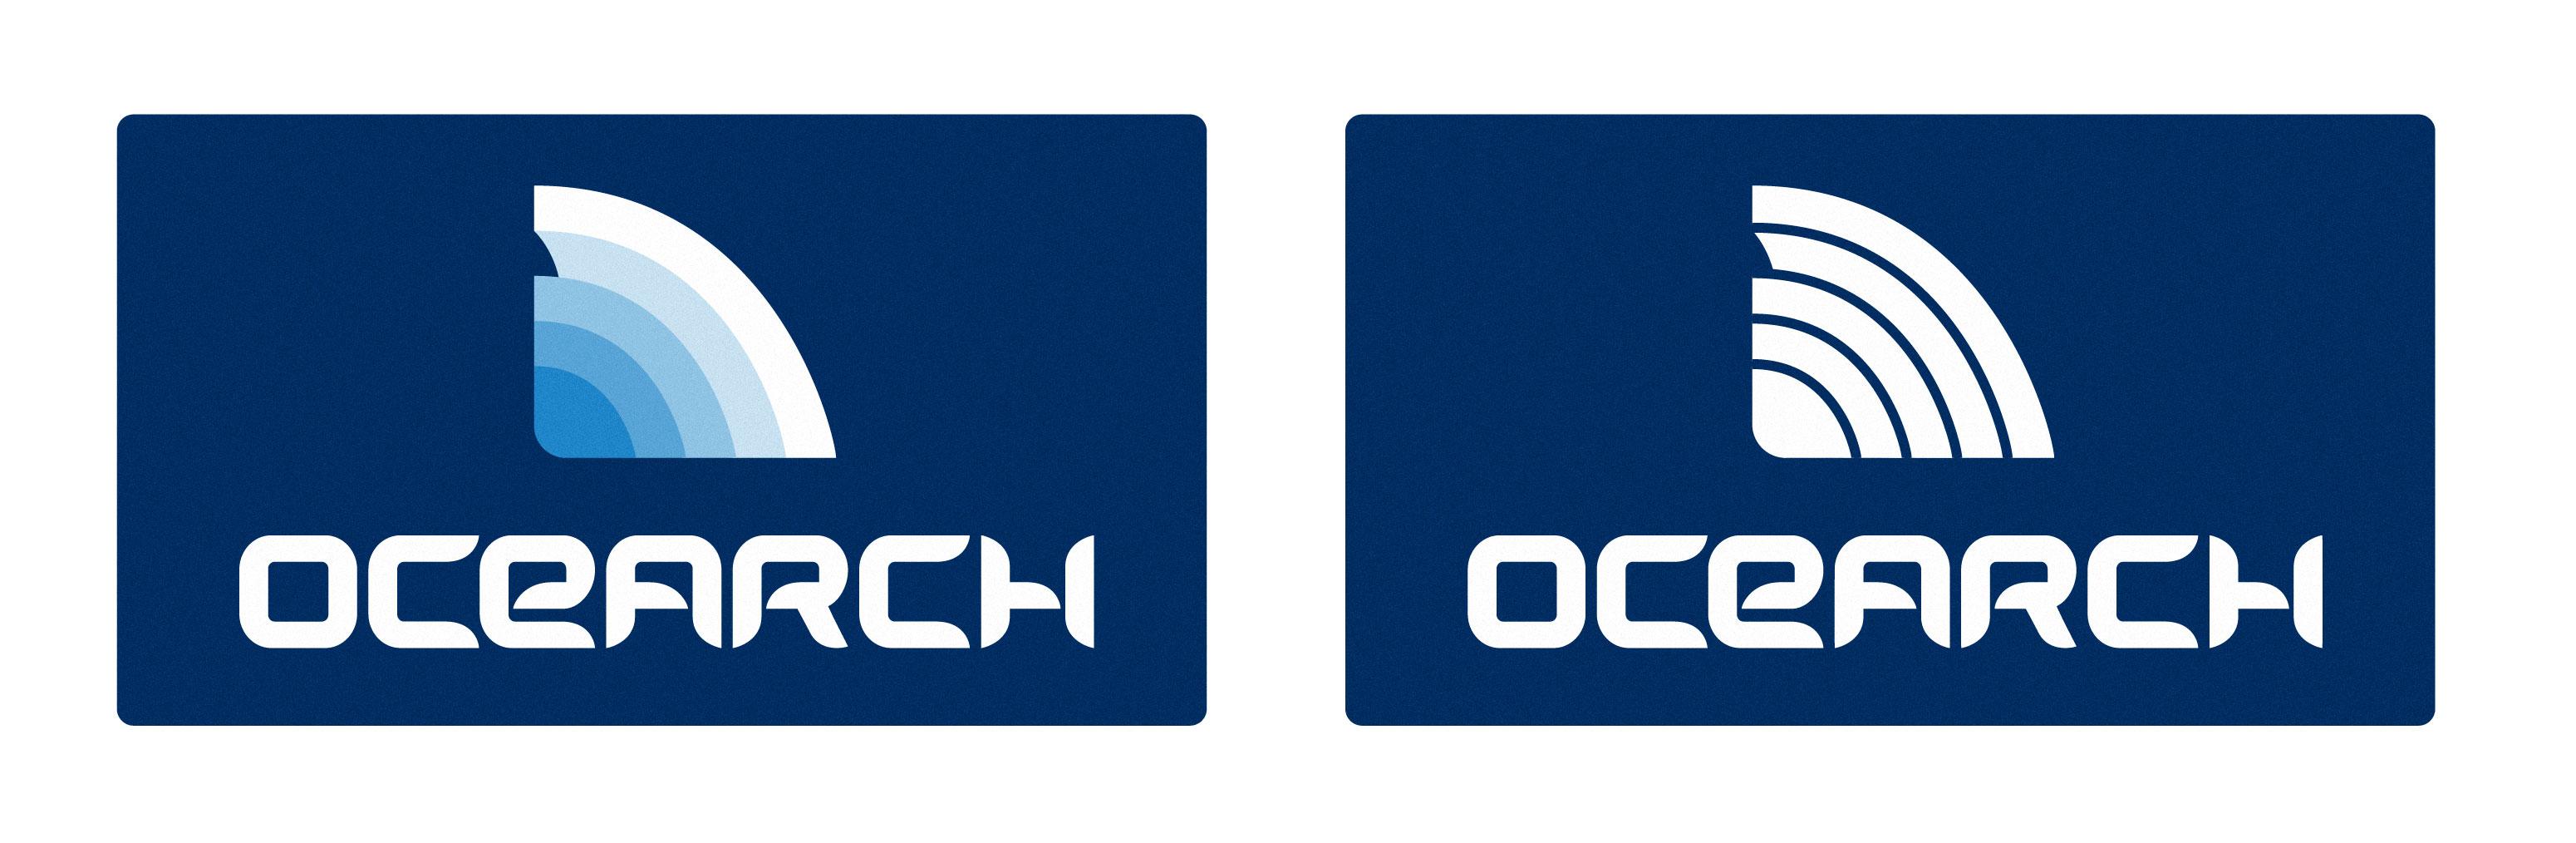 ocearch-logo-concept-inverse